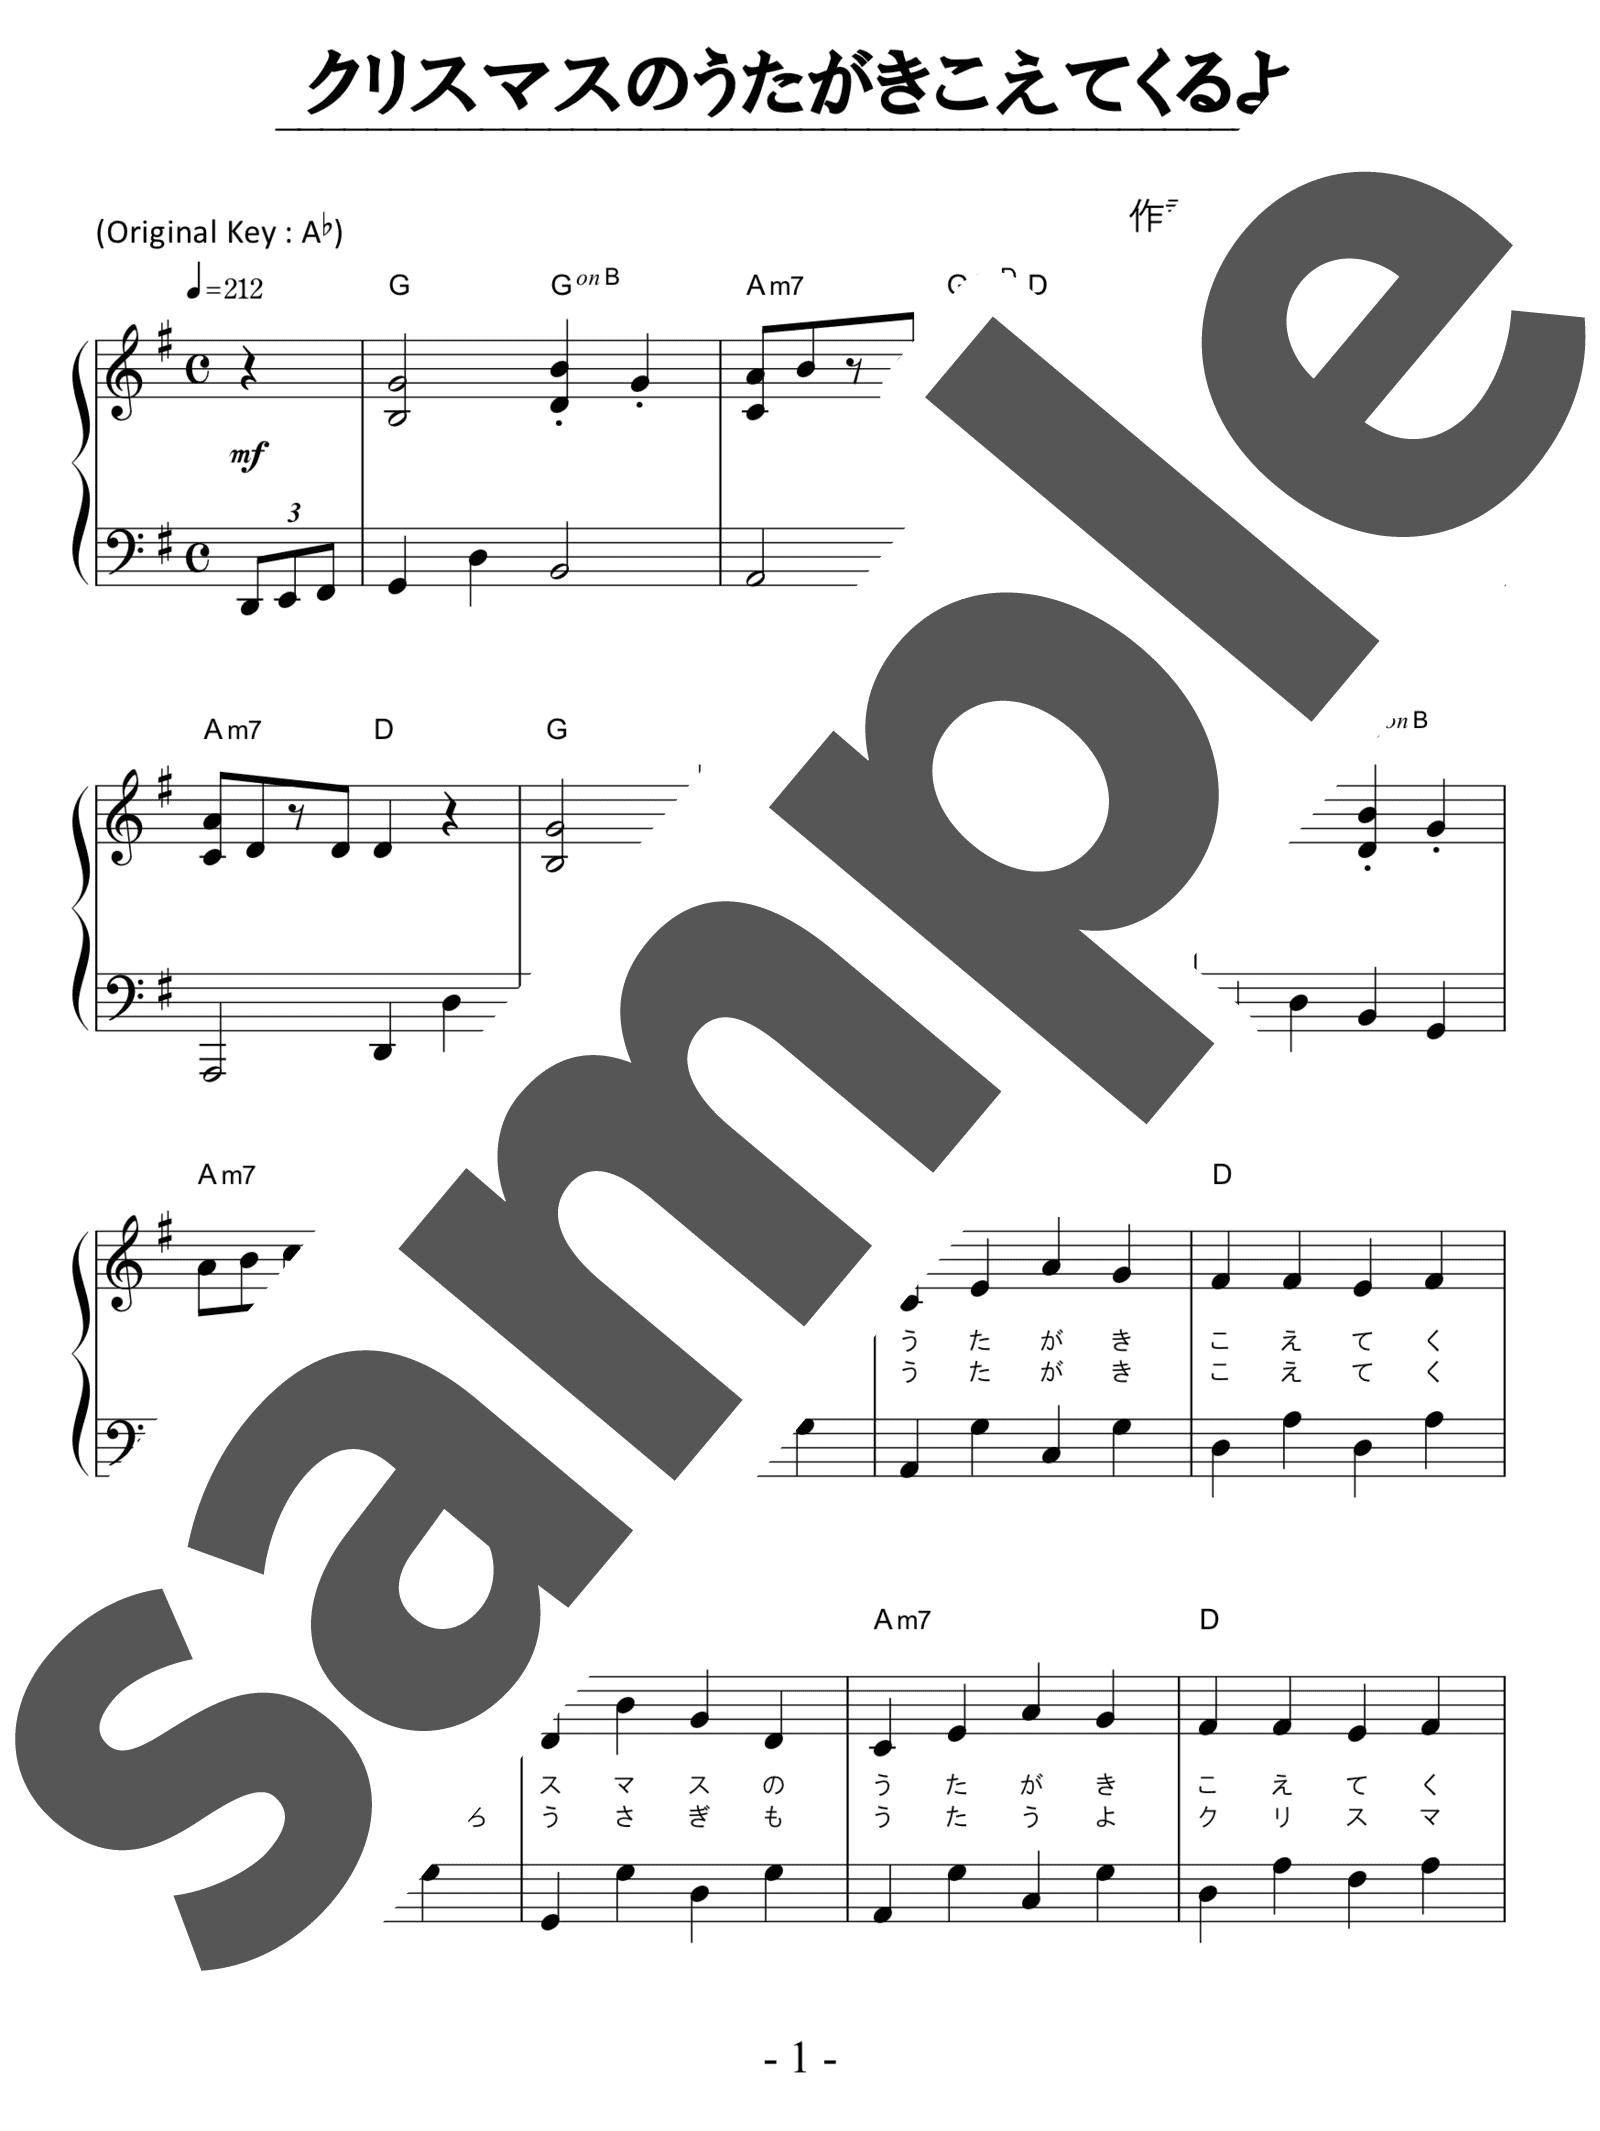 「クリスマスのうたがきこえてくるよ」のサンプル楽譜